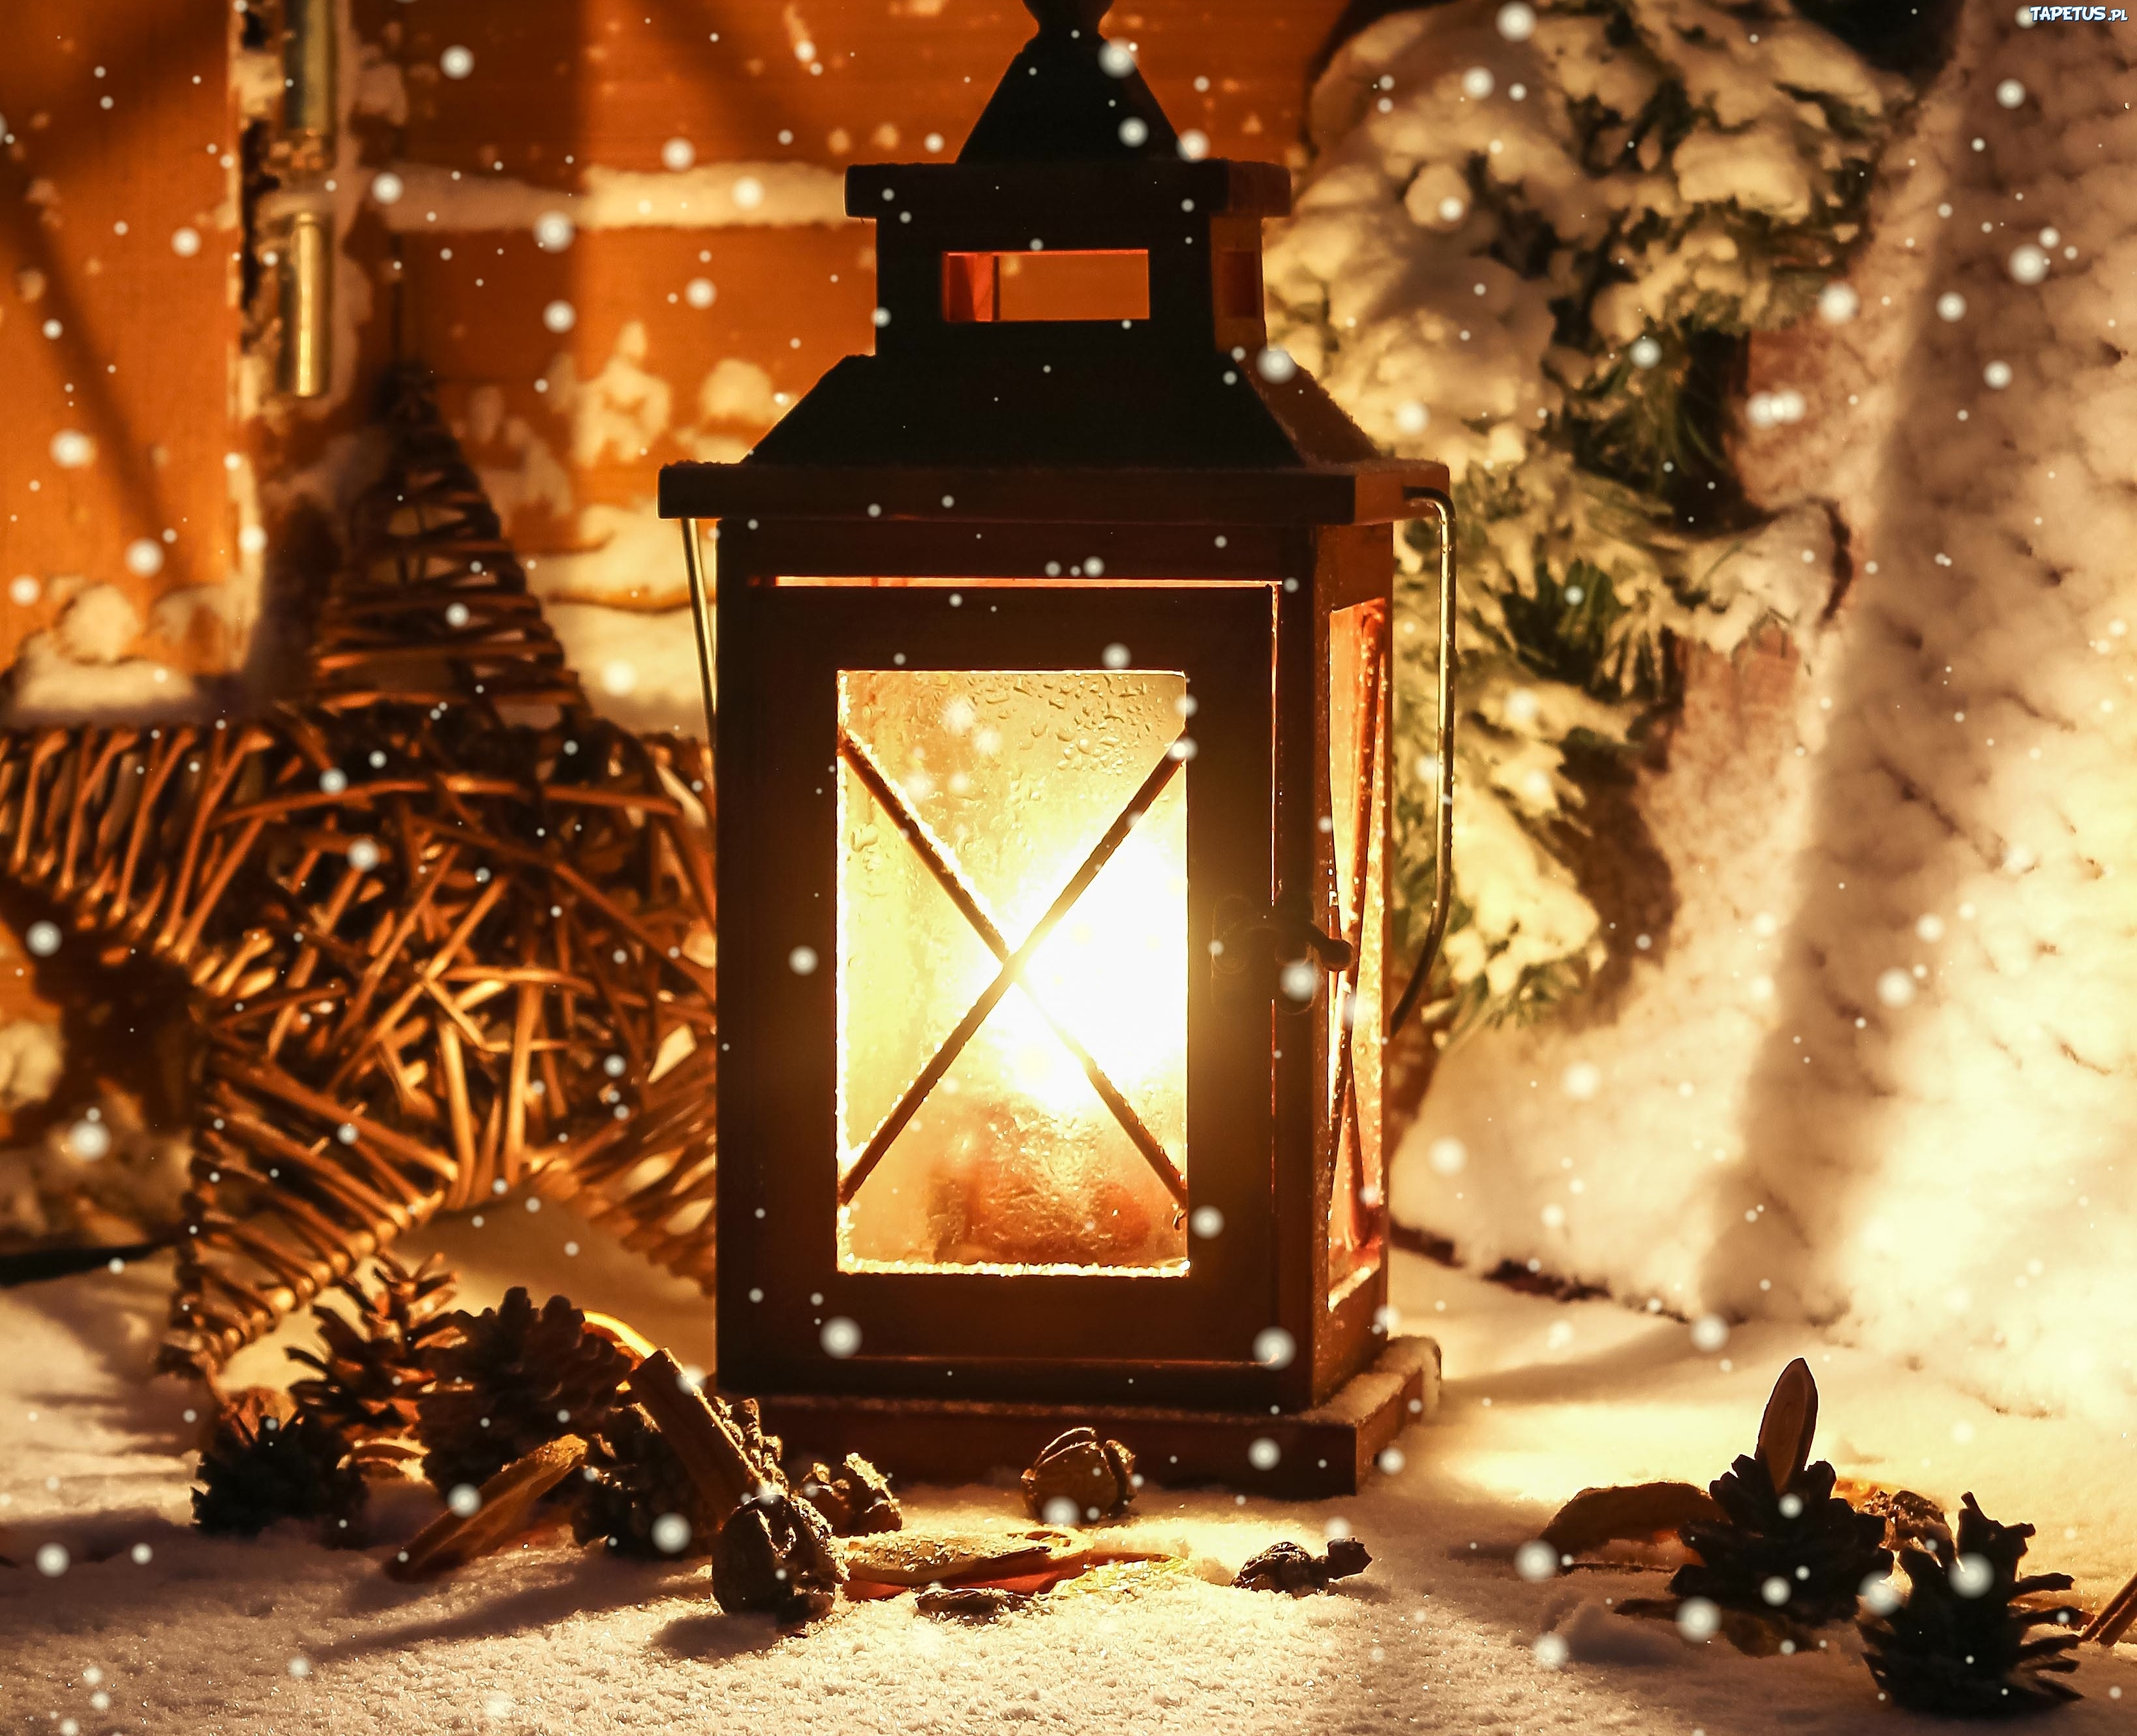 лампа свеча снег рождество lamp candle snow Christmas  № 3982717  скачать